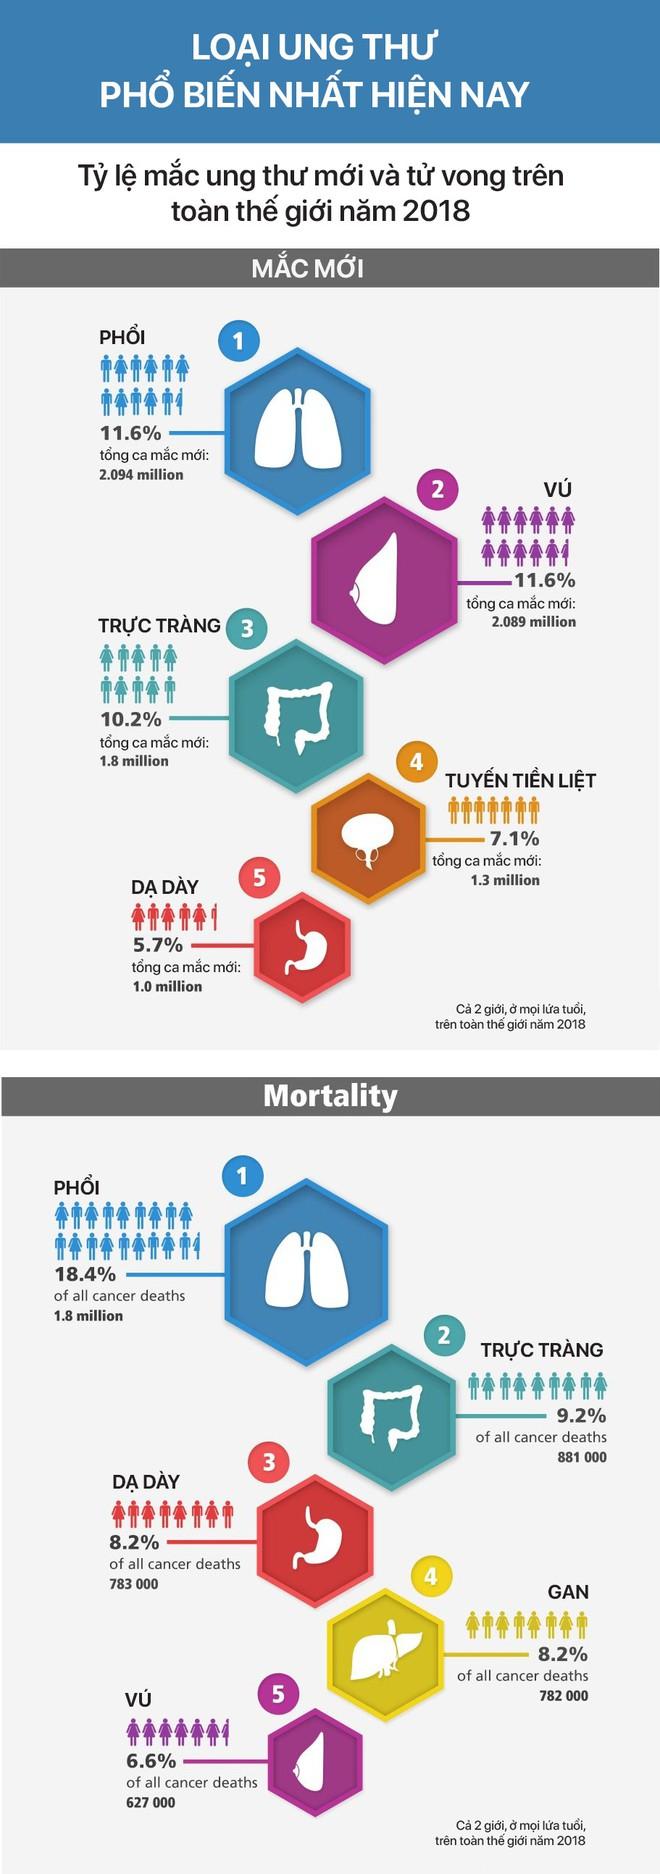 GLOBOCAN công bố 5 loại bệnh ung thư có nhiều người mắc và tử vong nhất hiện nay - Ảnh 2.